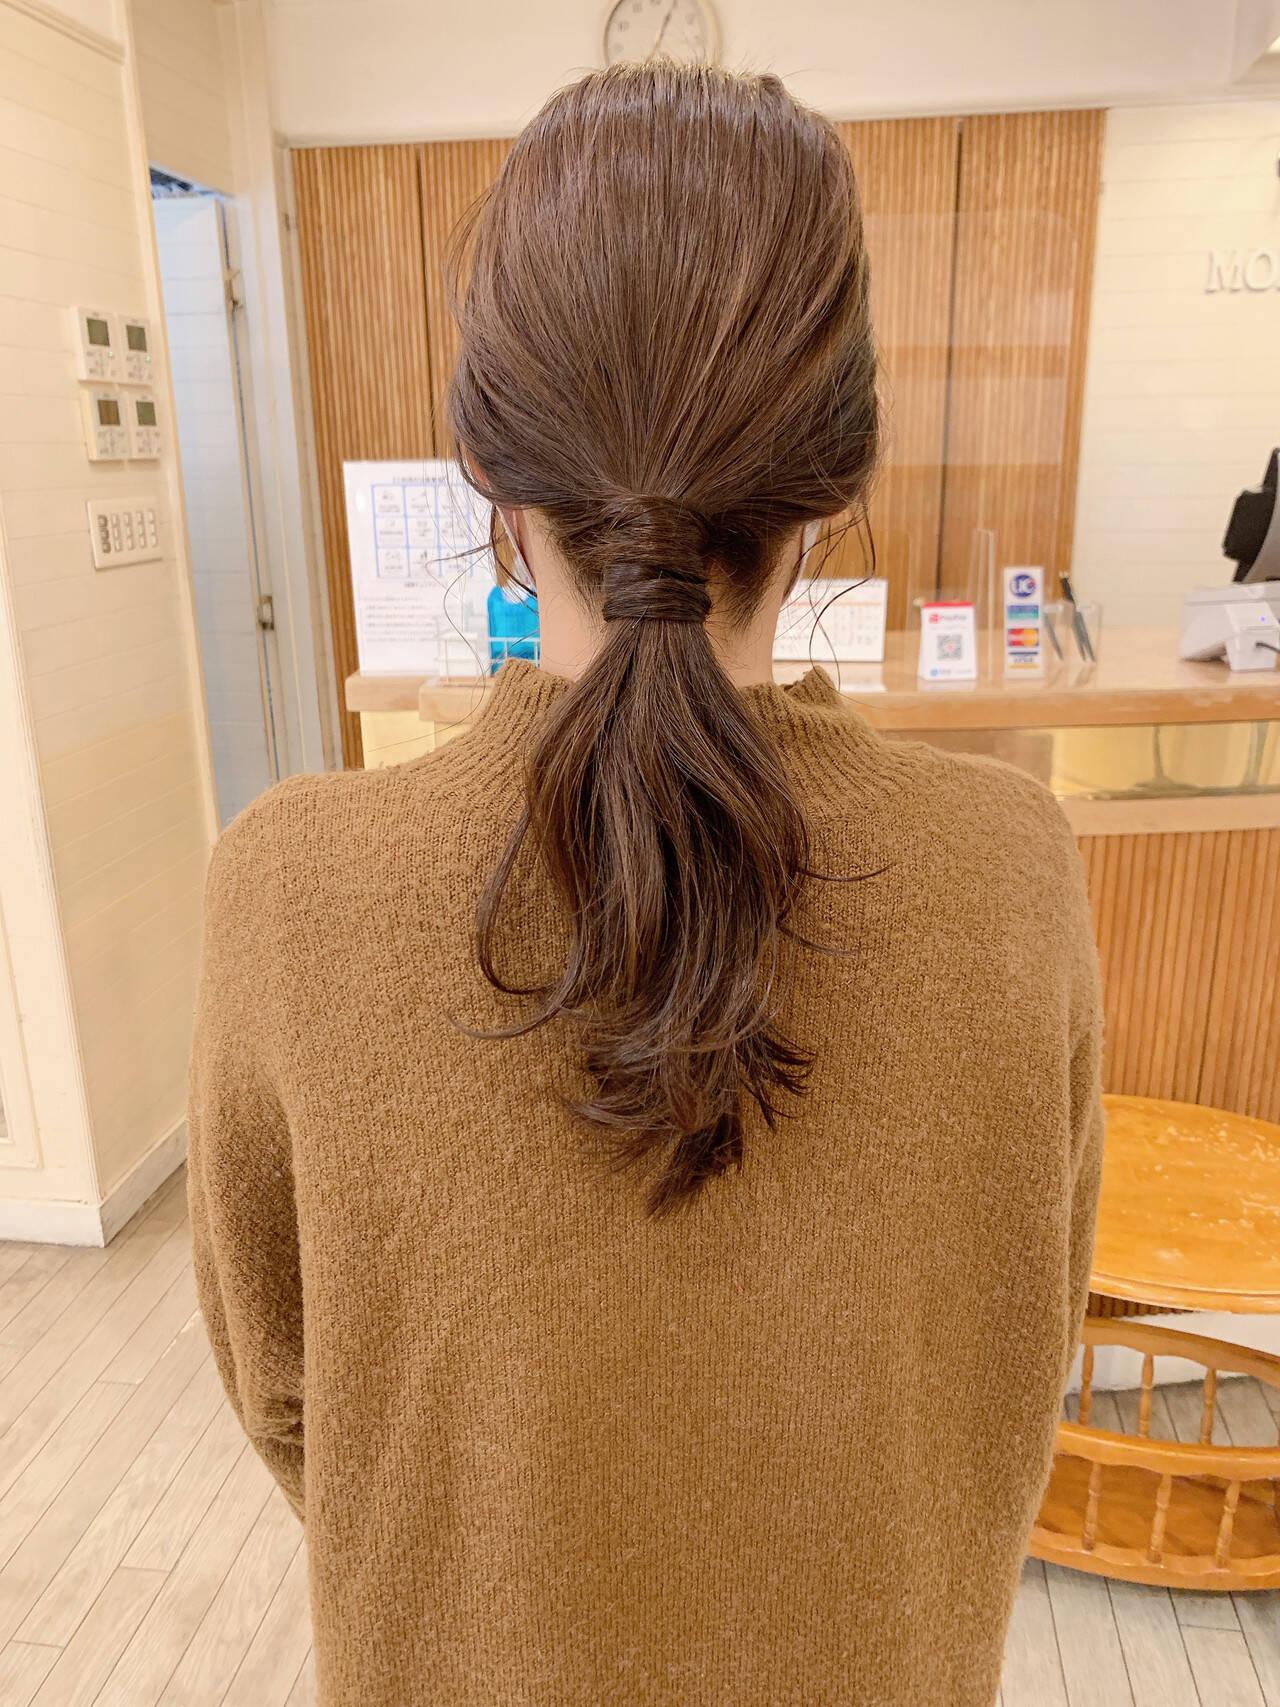 ブラウンベージュ ナチュラル セミロング 簡単ヘアアレンジヘアスタイルや髪型の写真・画像